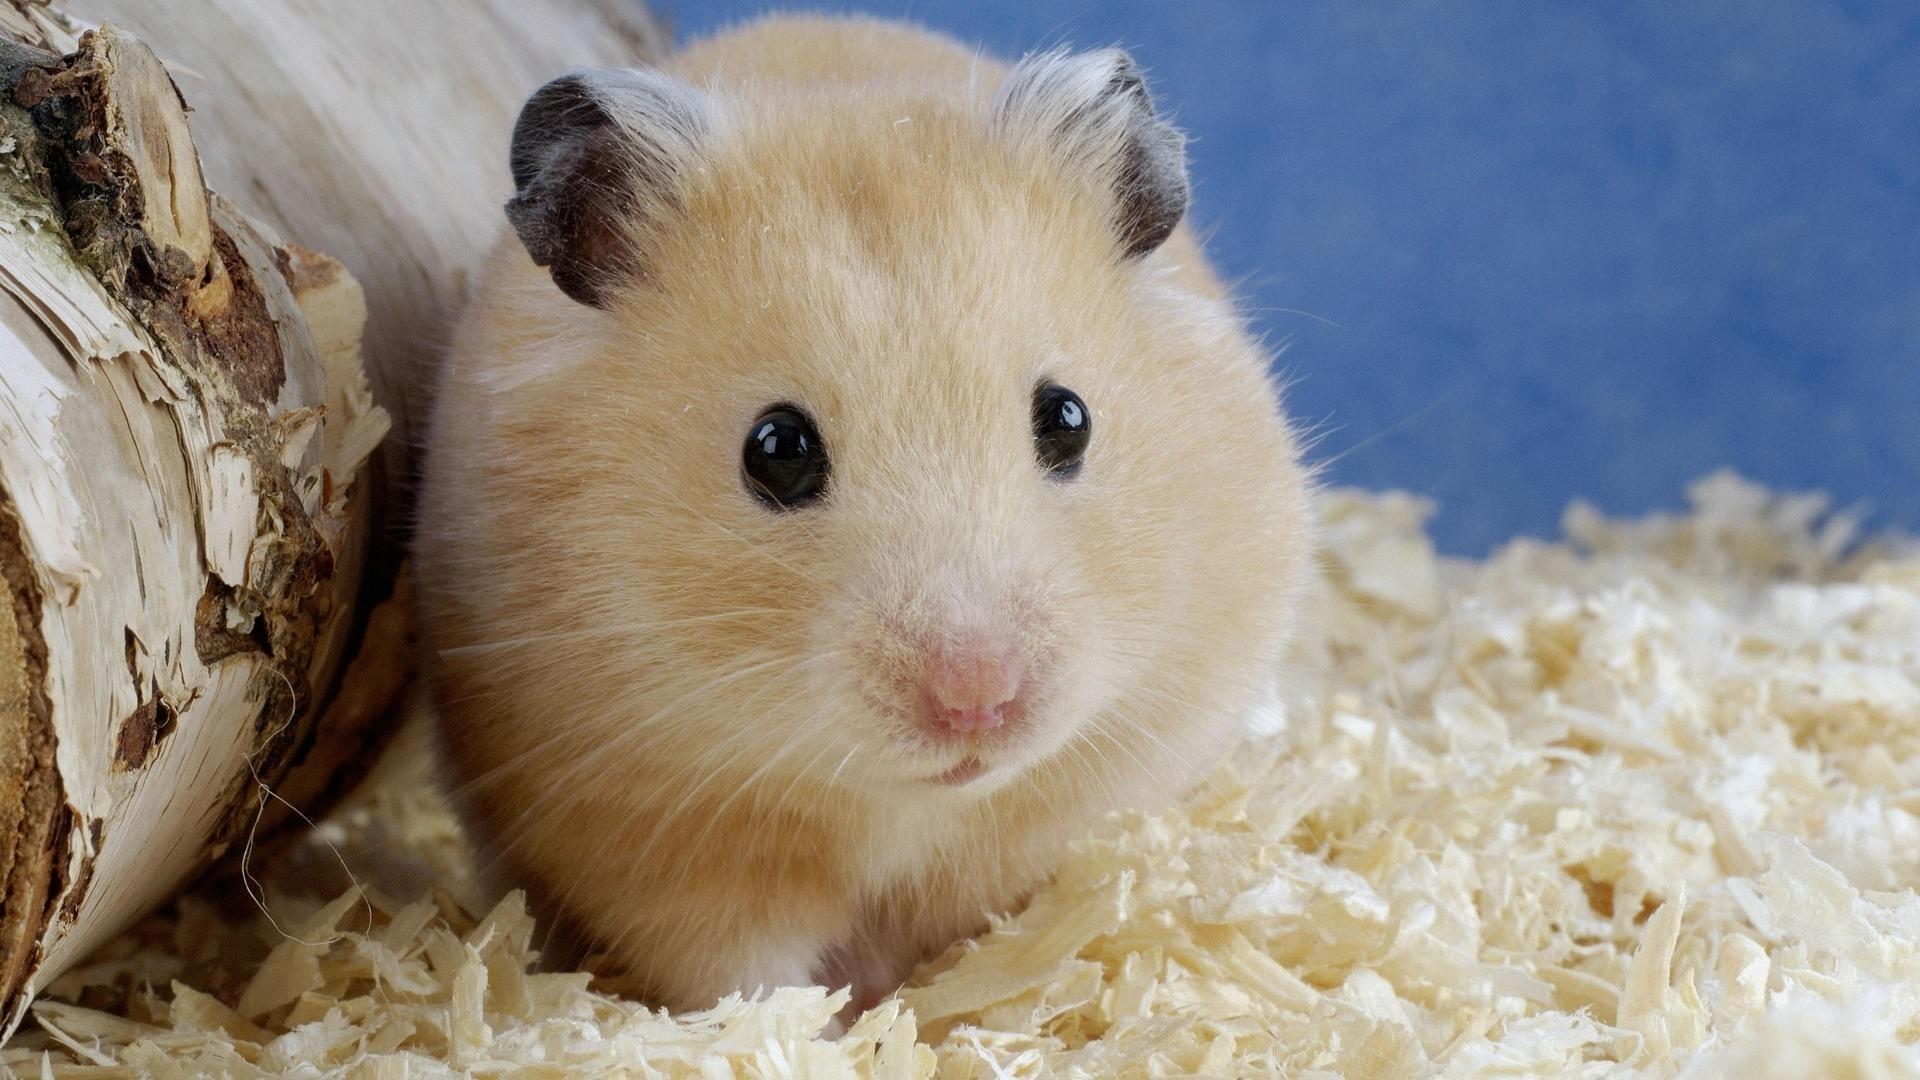 hamster mobile wallppaers